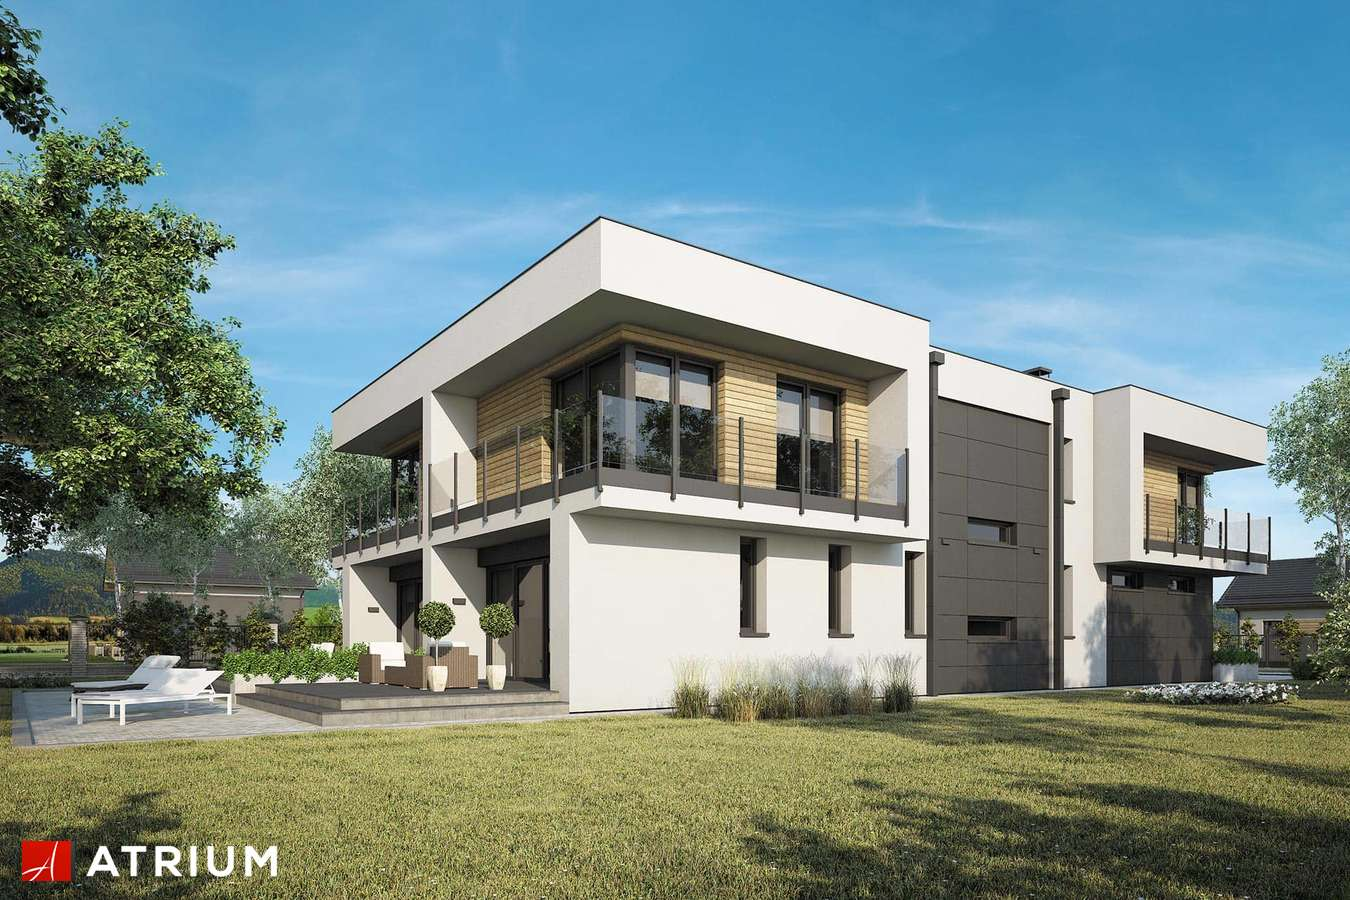 Projekty domów - Projekt domu piętrowego MODERN TWIN II - wizualizacja 2